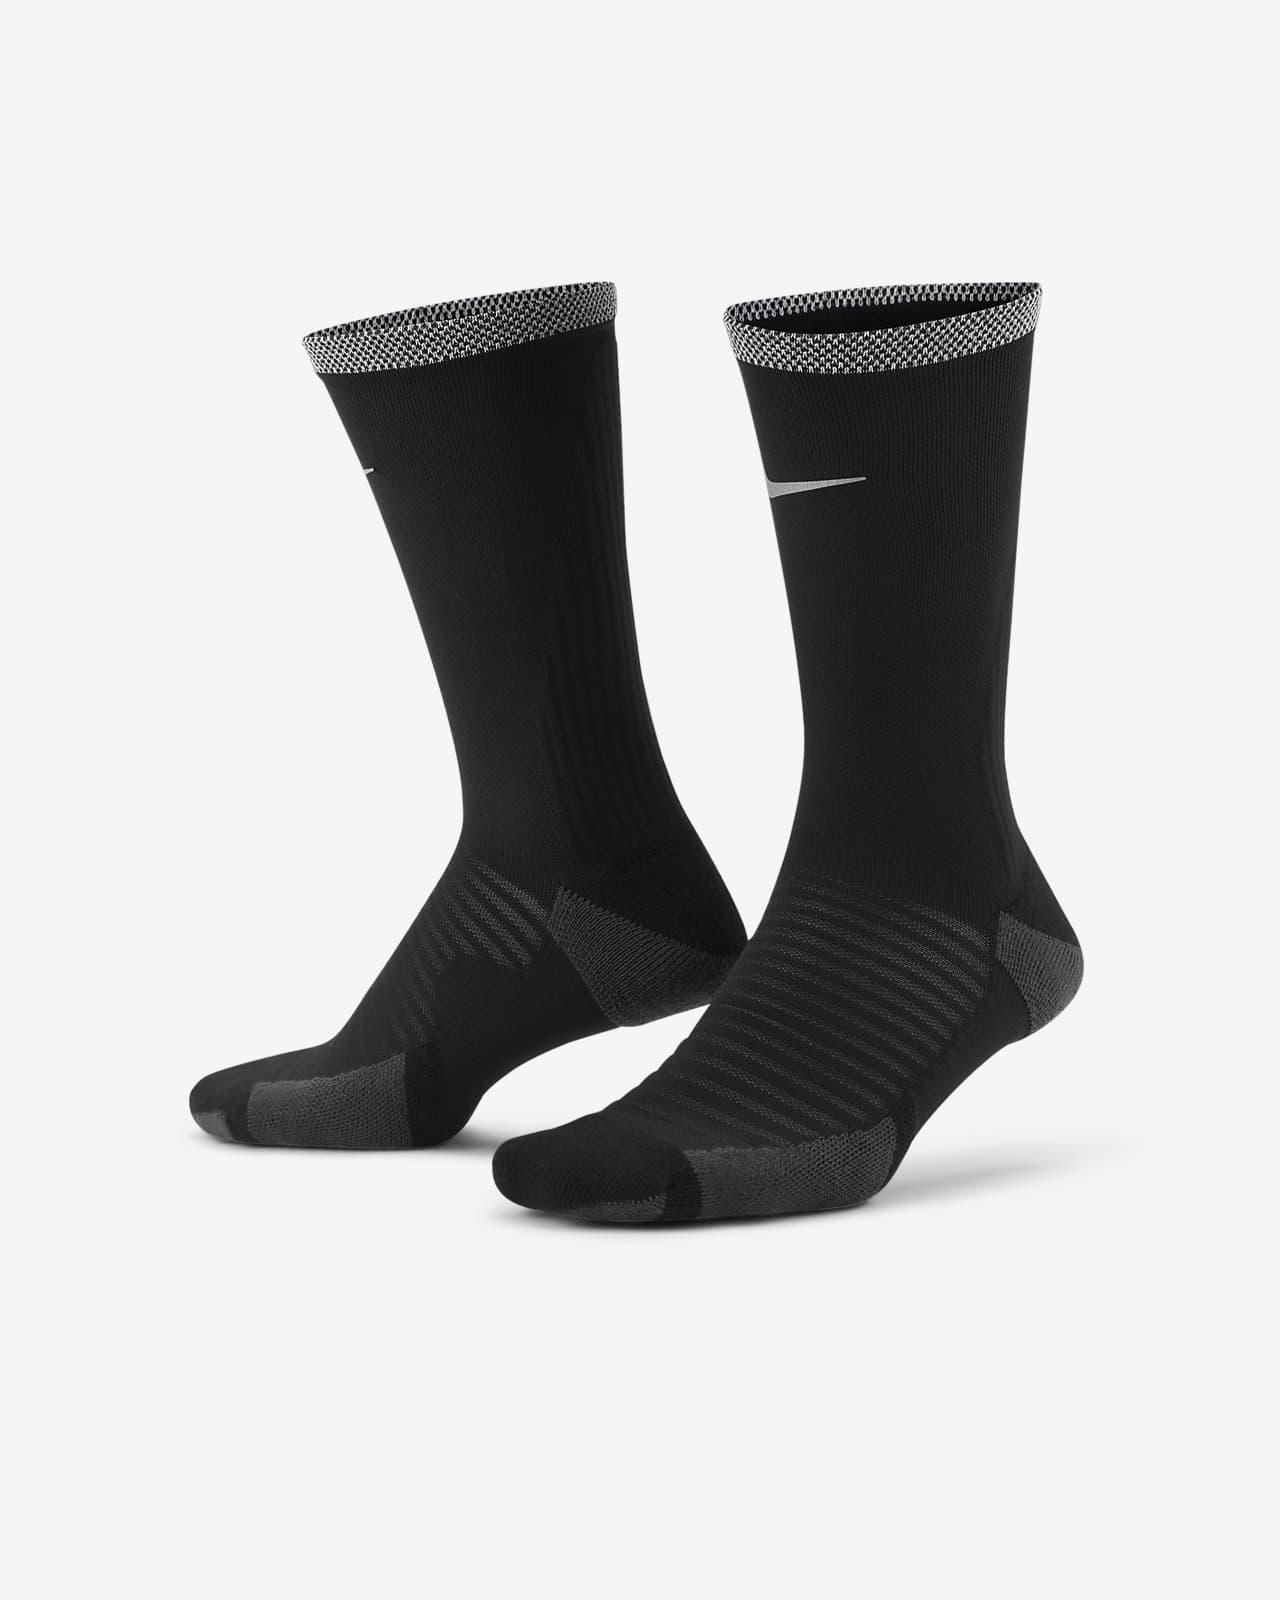 Κάλτσες μεσαίου ύψους για τρέξιμο με αντικραδασμική προστασία Nike Spark